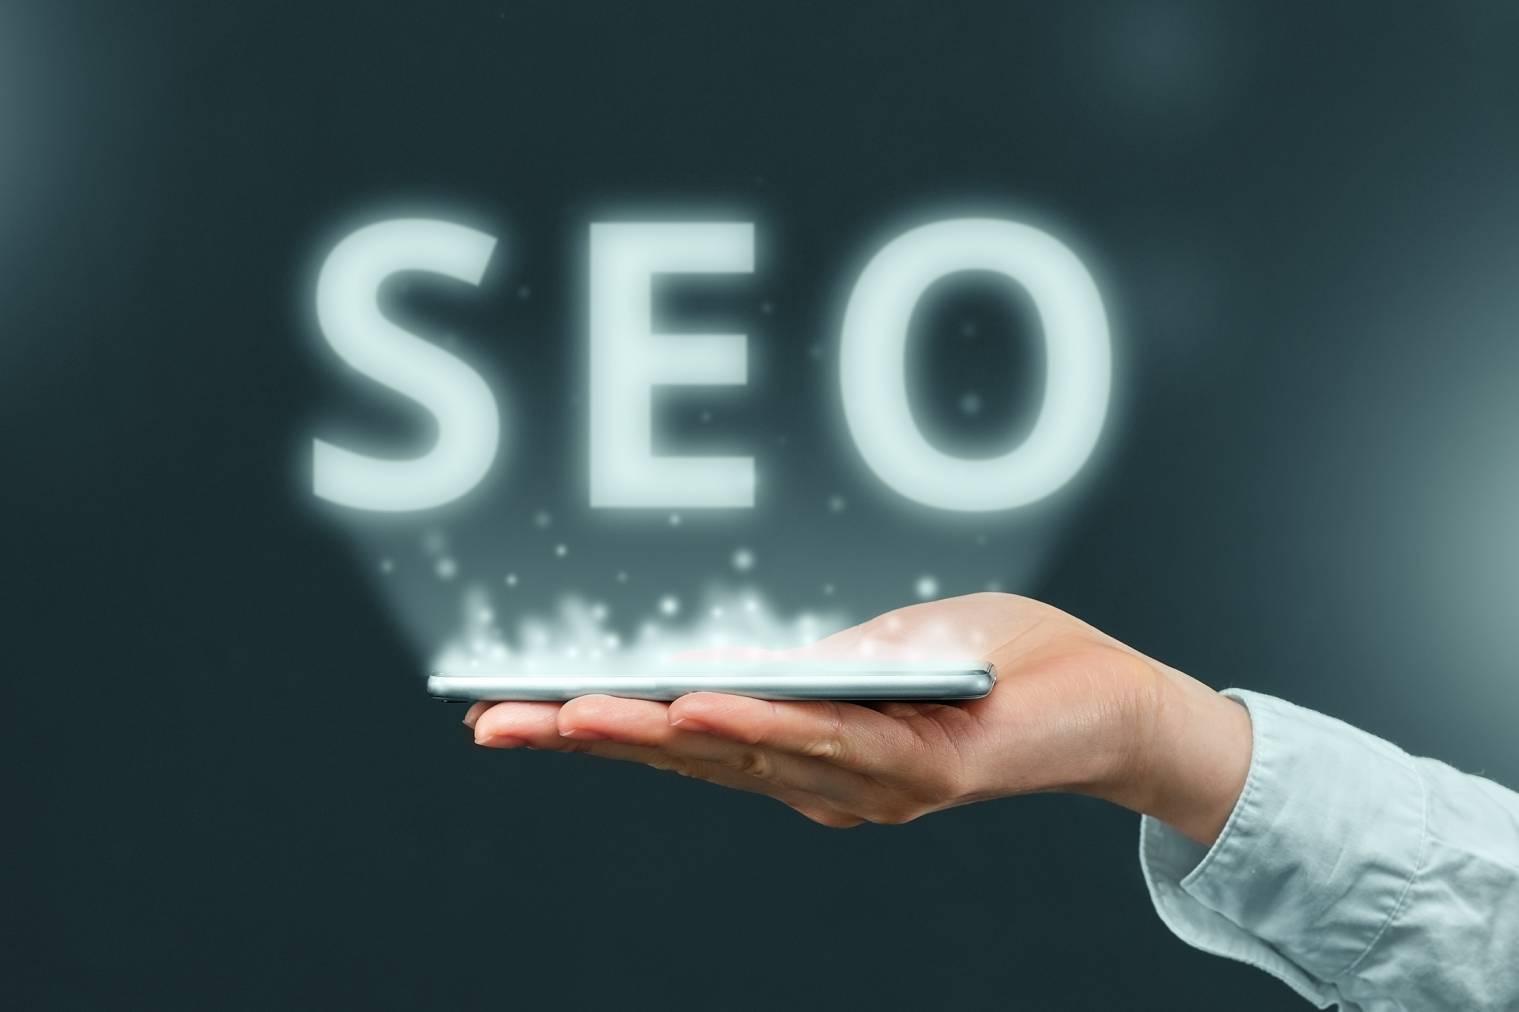 Optimiser son SEO pour augmenter ses chances d'apparaître sur Google Discover